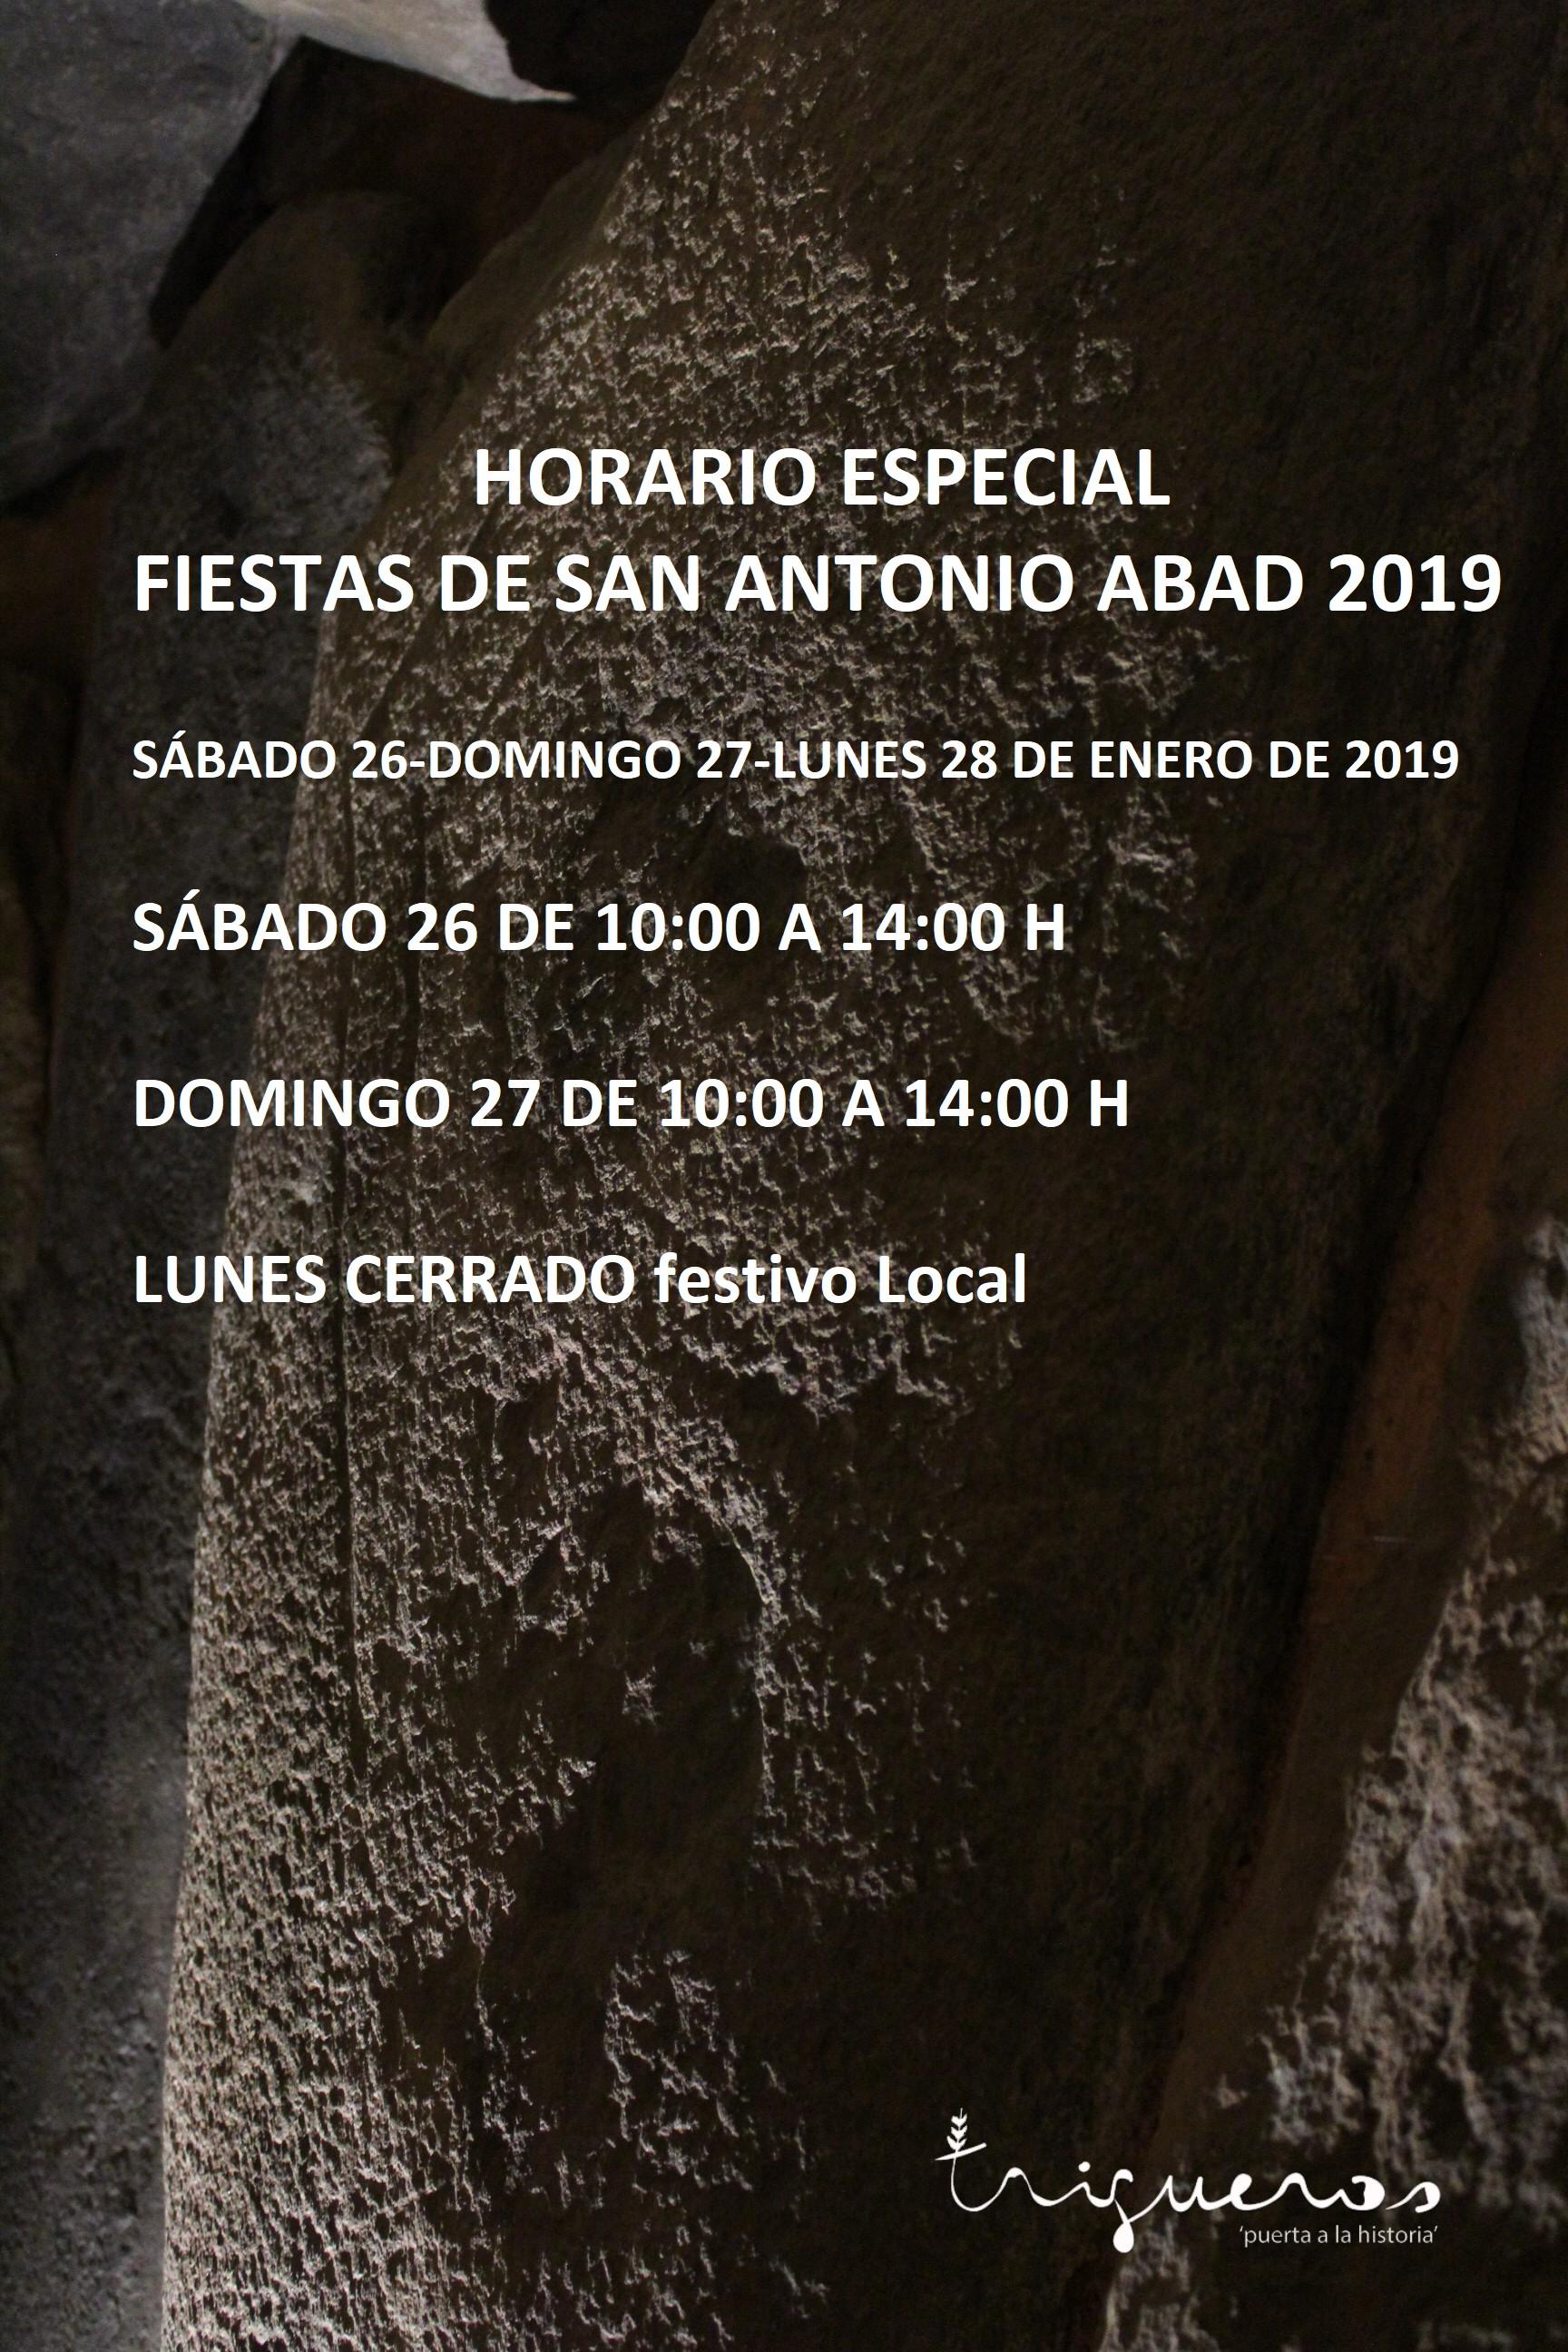 Calendario 2020 Con Festivos Para Colombia Más Caliente Imágenes Y Carteles De Hola Enero Lleg³ Enero Y